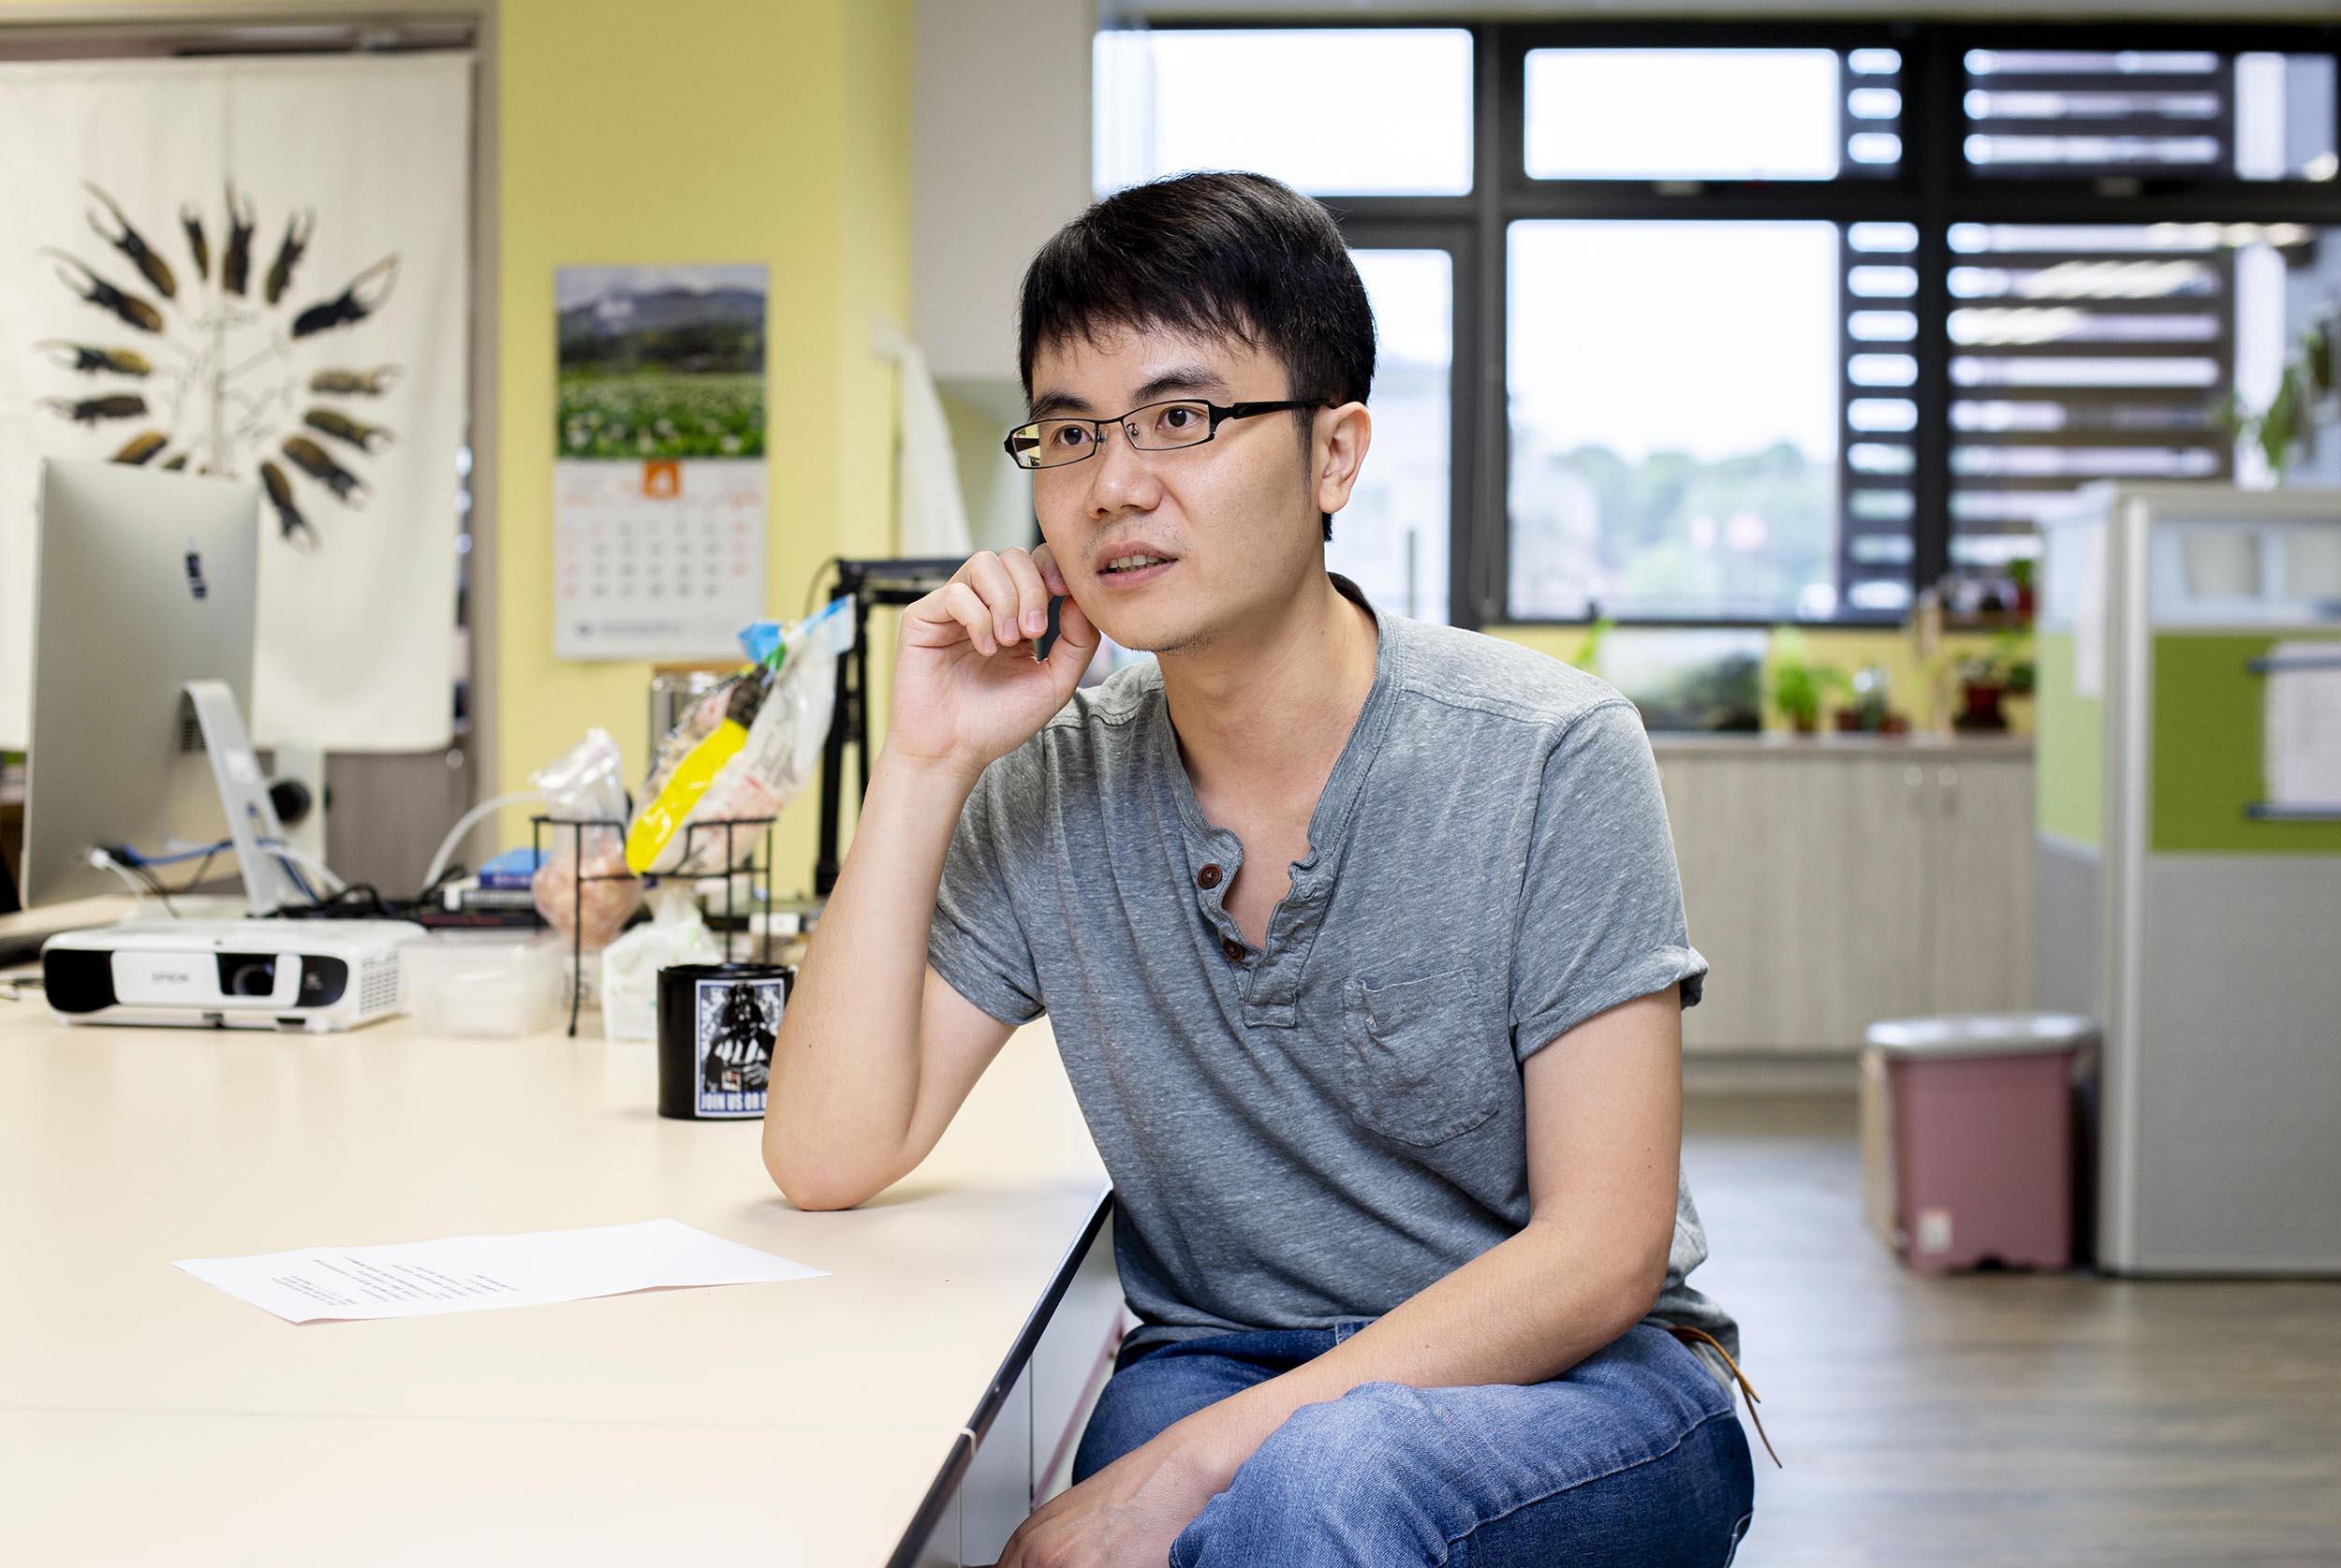 回到台灣後,黃仁磐除了鑽研多年的地衣、甲蟲以外,也嘗試新的方向,開始利用族群遺傳學來量化評估保育政策。圖│研之有物